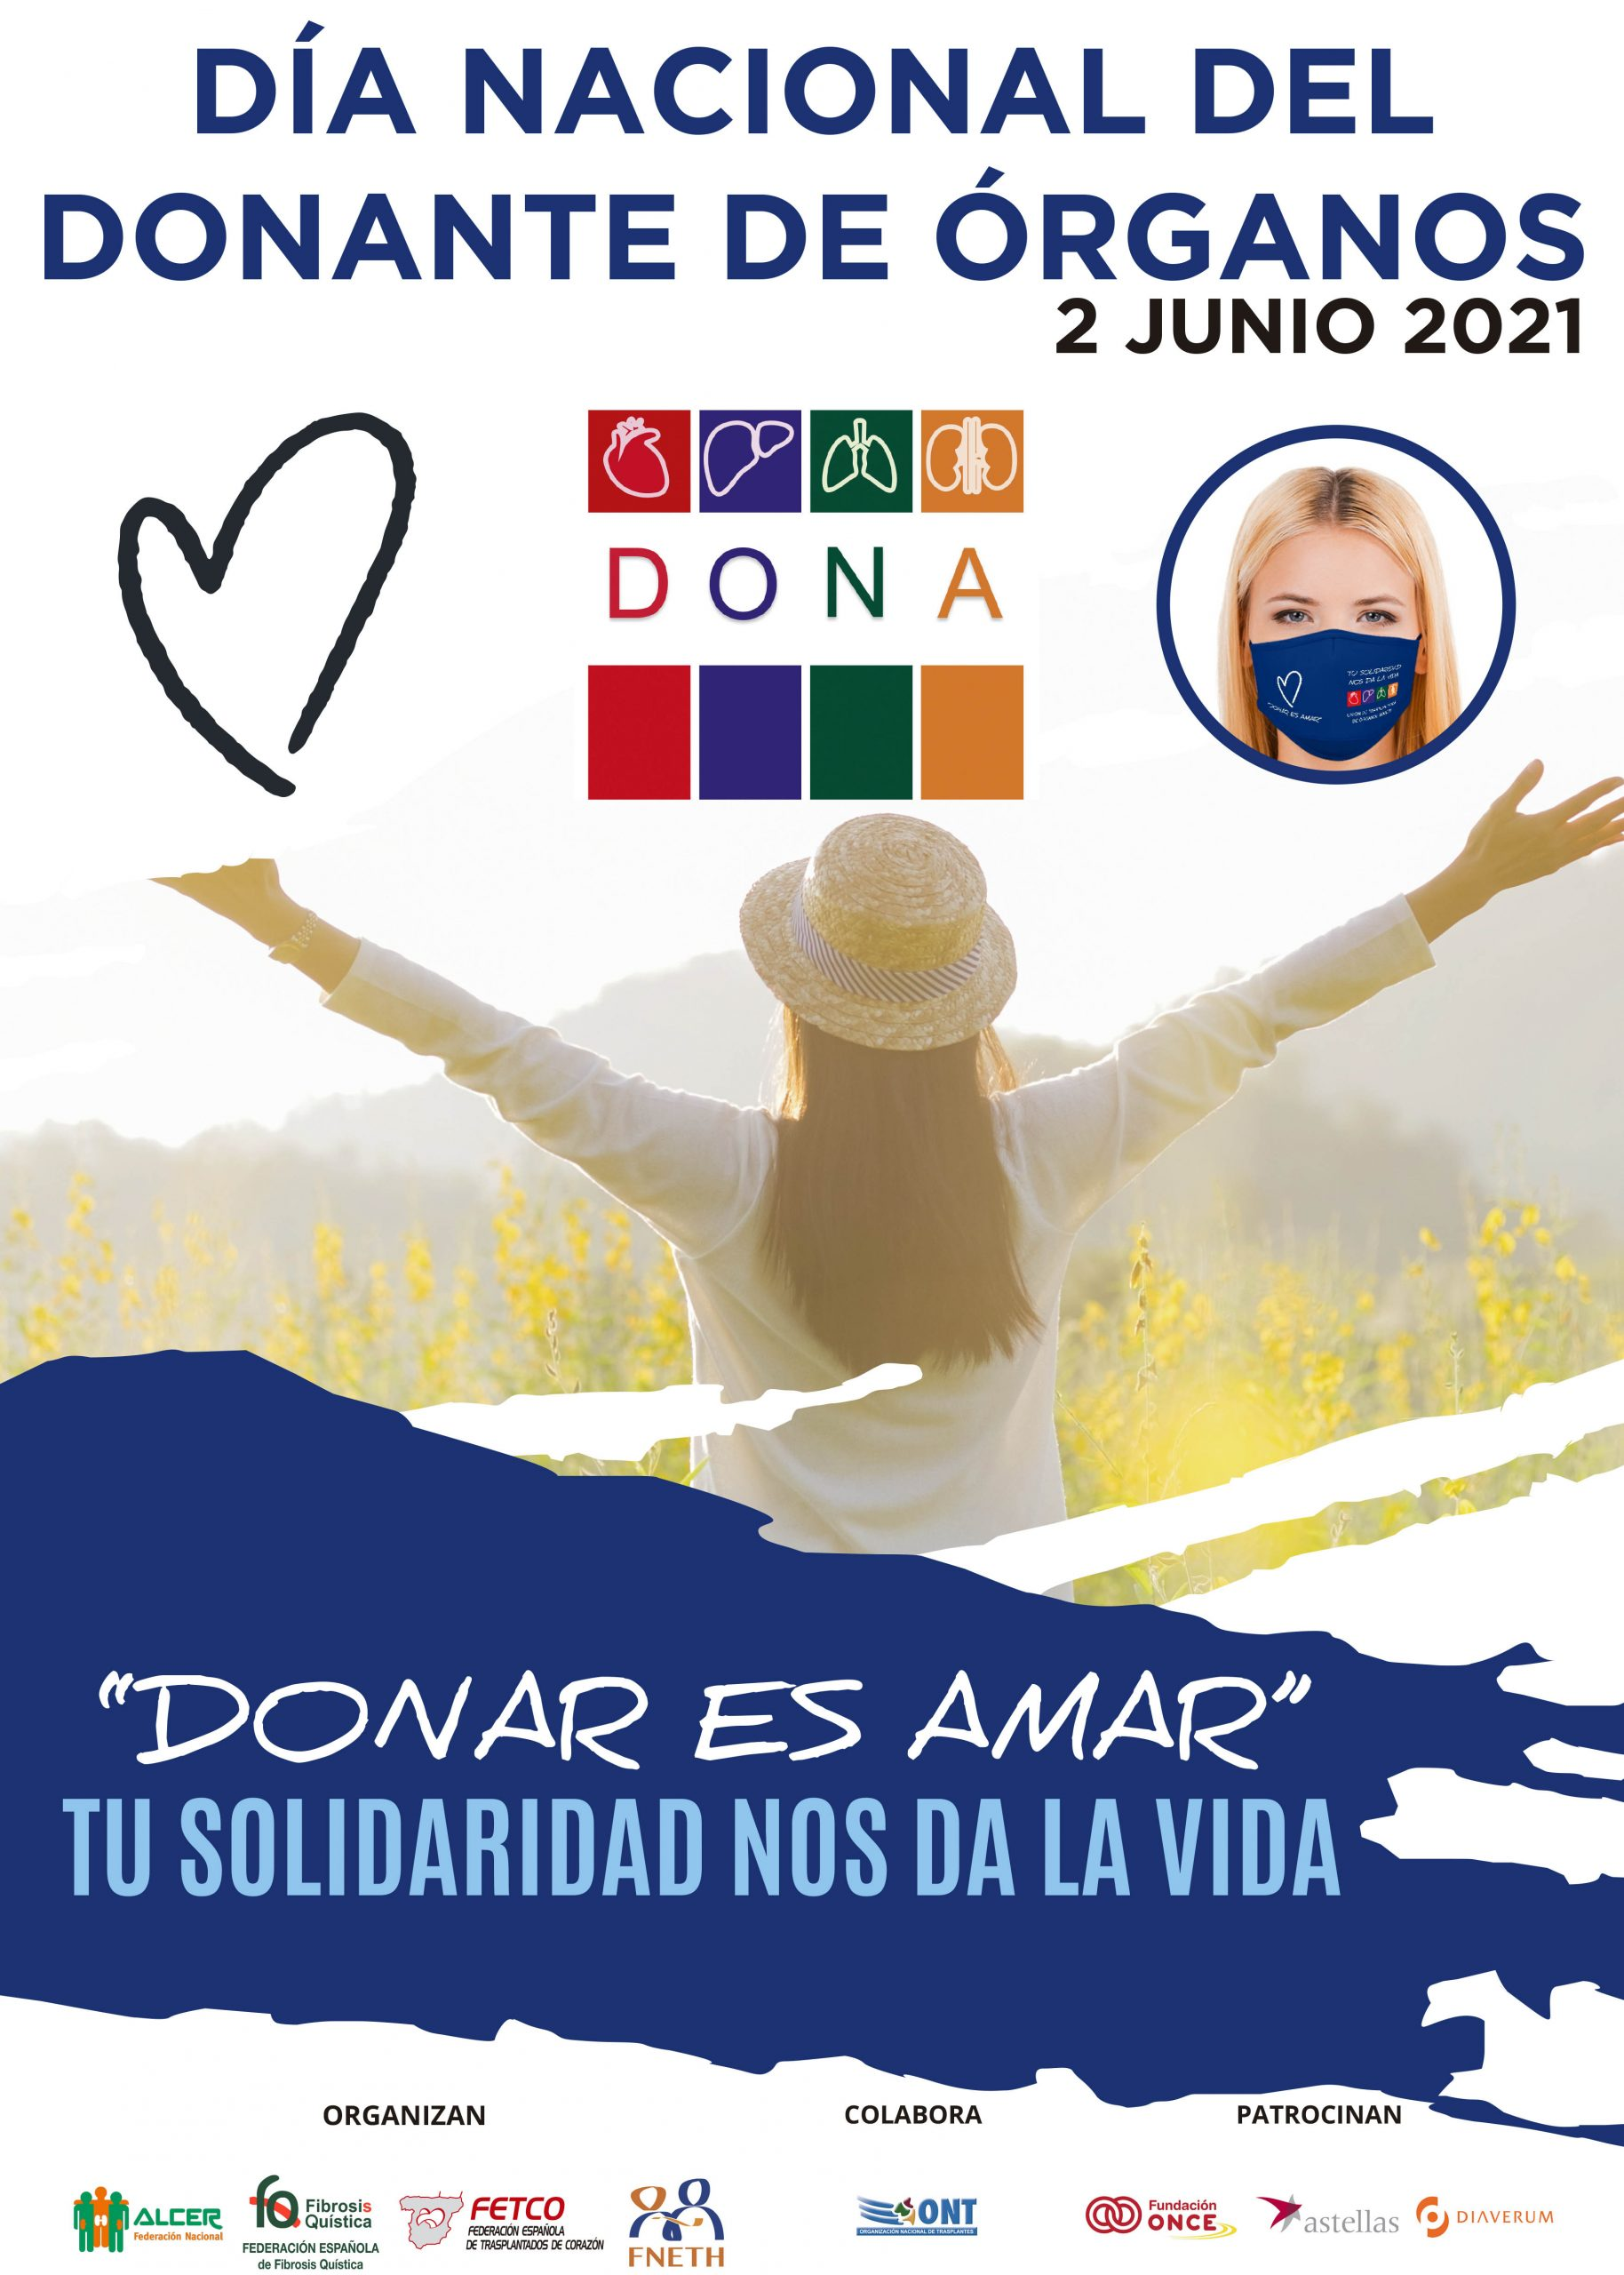 Día Del Donante 2021. Nota De Prensa De La Federación Española De Fibrosis Quística